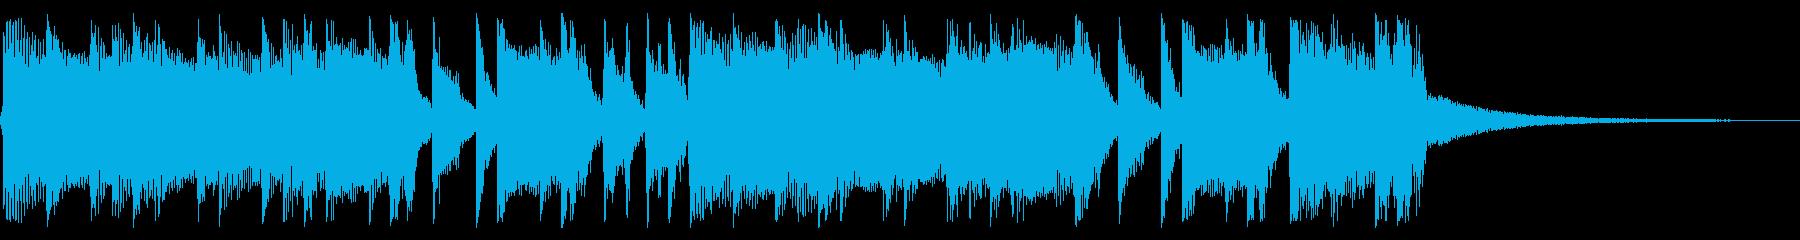 パンキッシュなロックジングル04の再生済みの波形